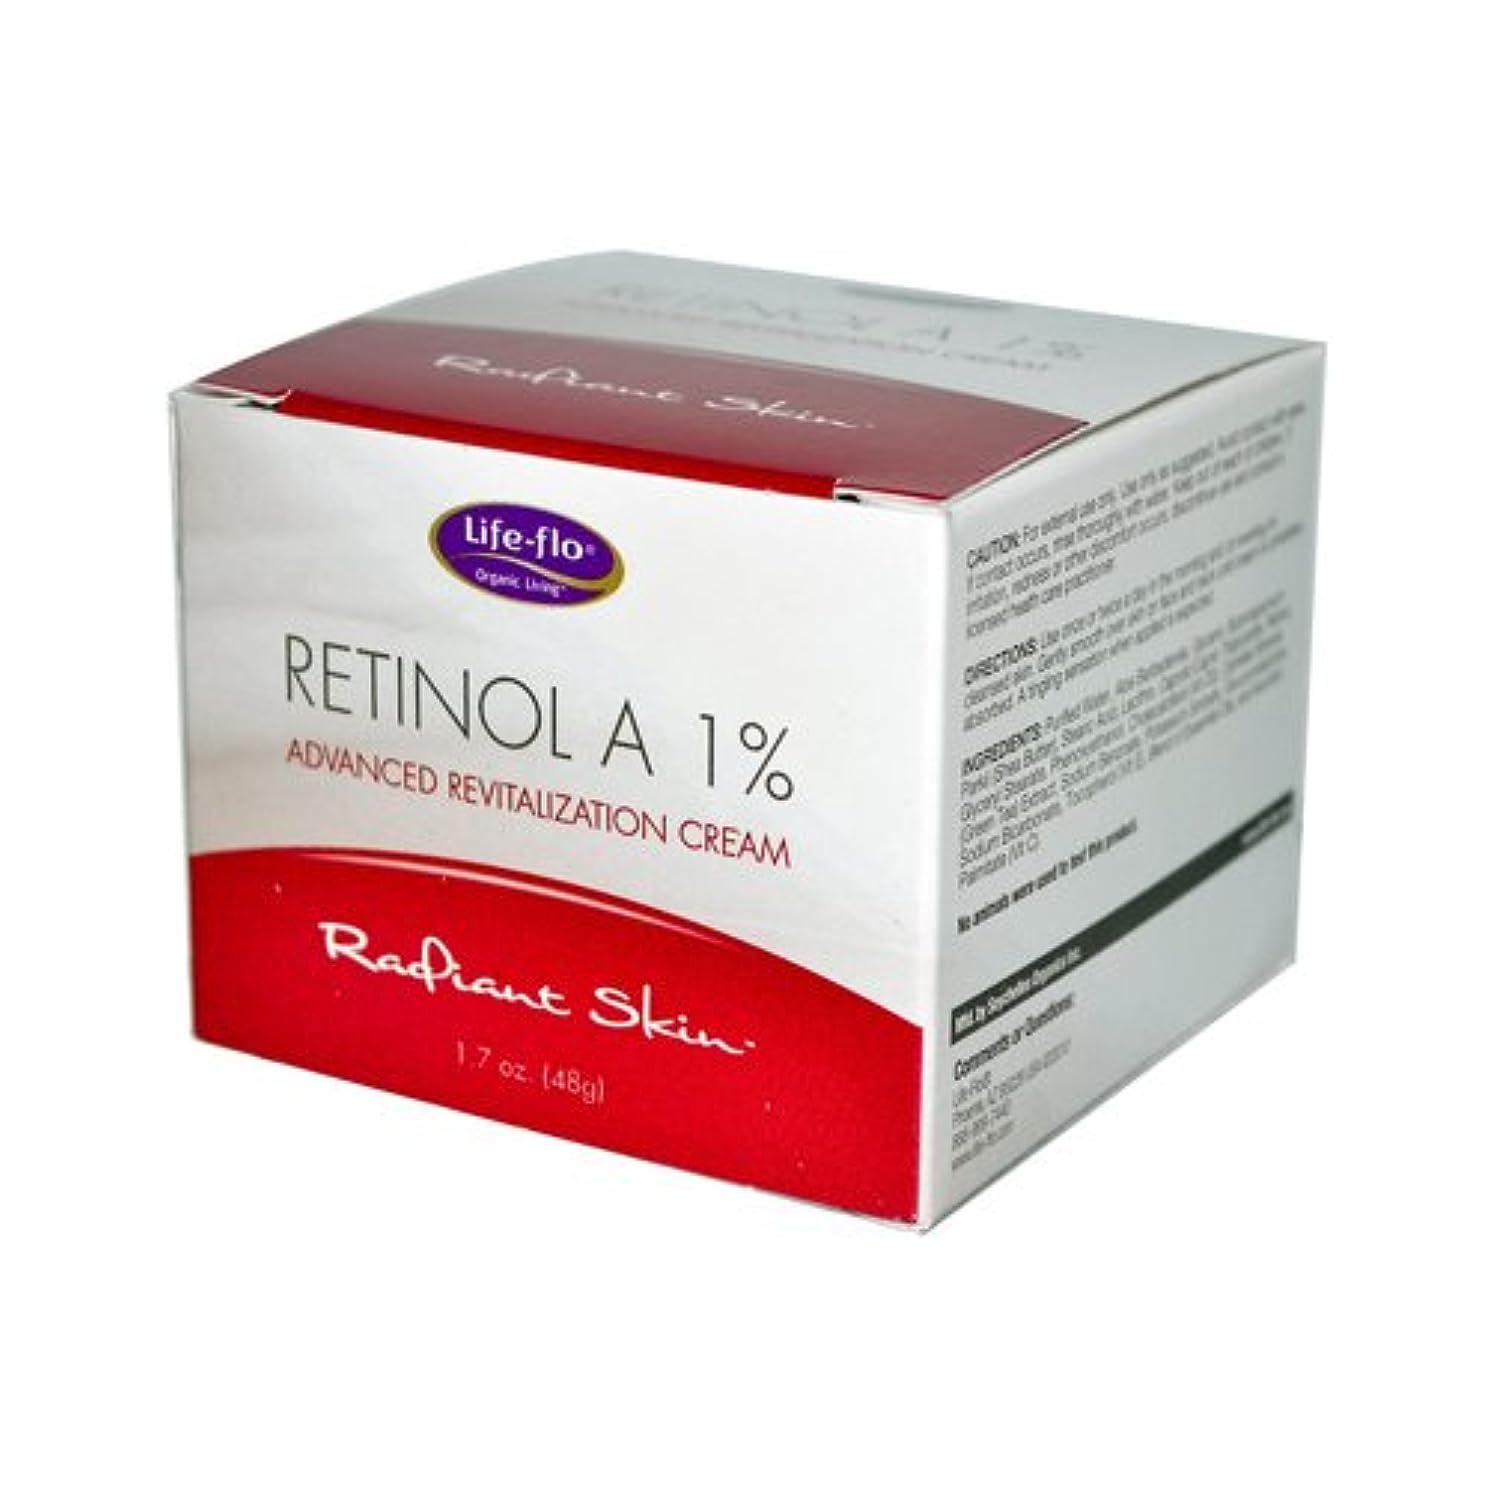 知人あなたは合体海外直送品 Life-Flo Retinol A 1% Advanced Revitalization Cream, 1.7 oz